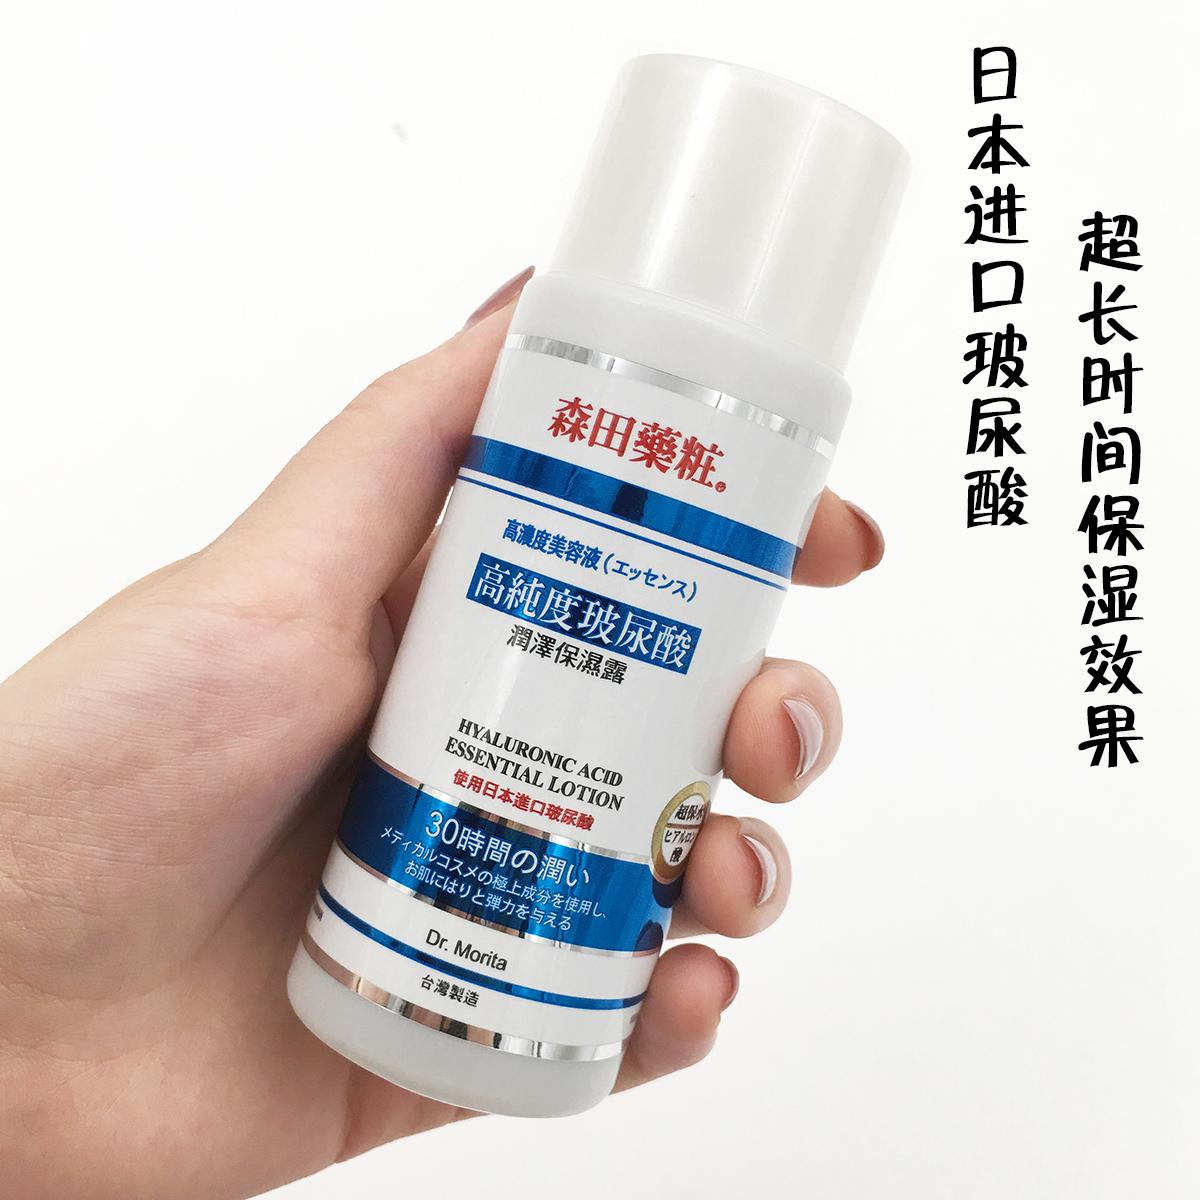 森田药妆高纯度玻尿酸润泽保湿露100ml爽肤水 香港免税店正品